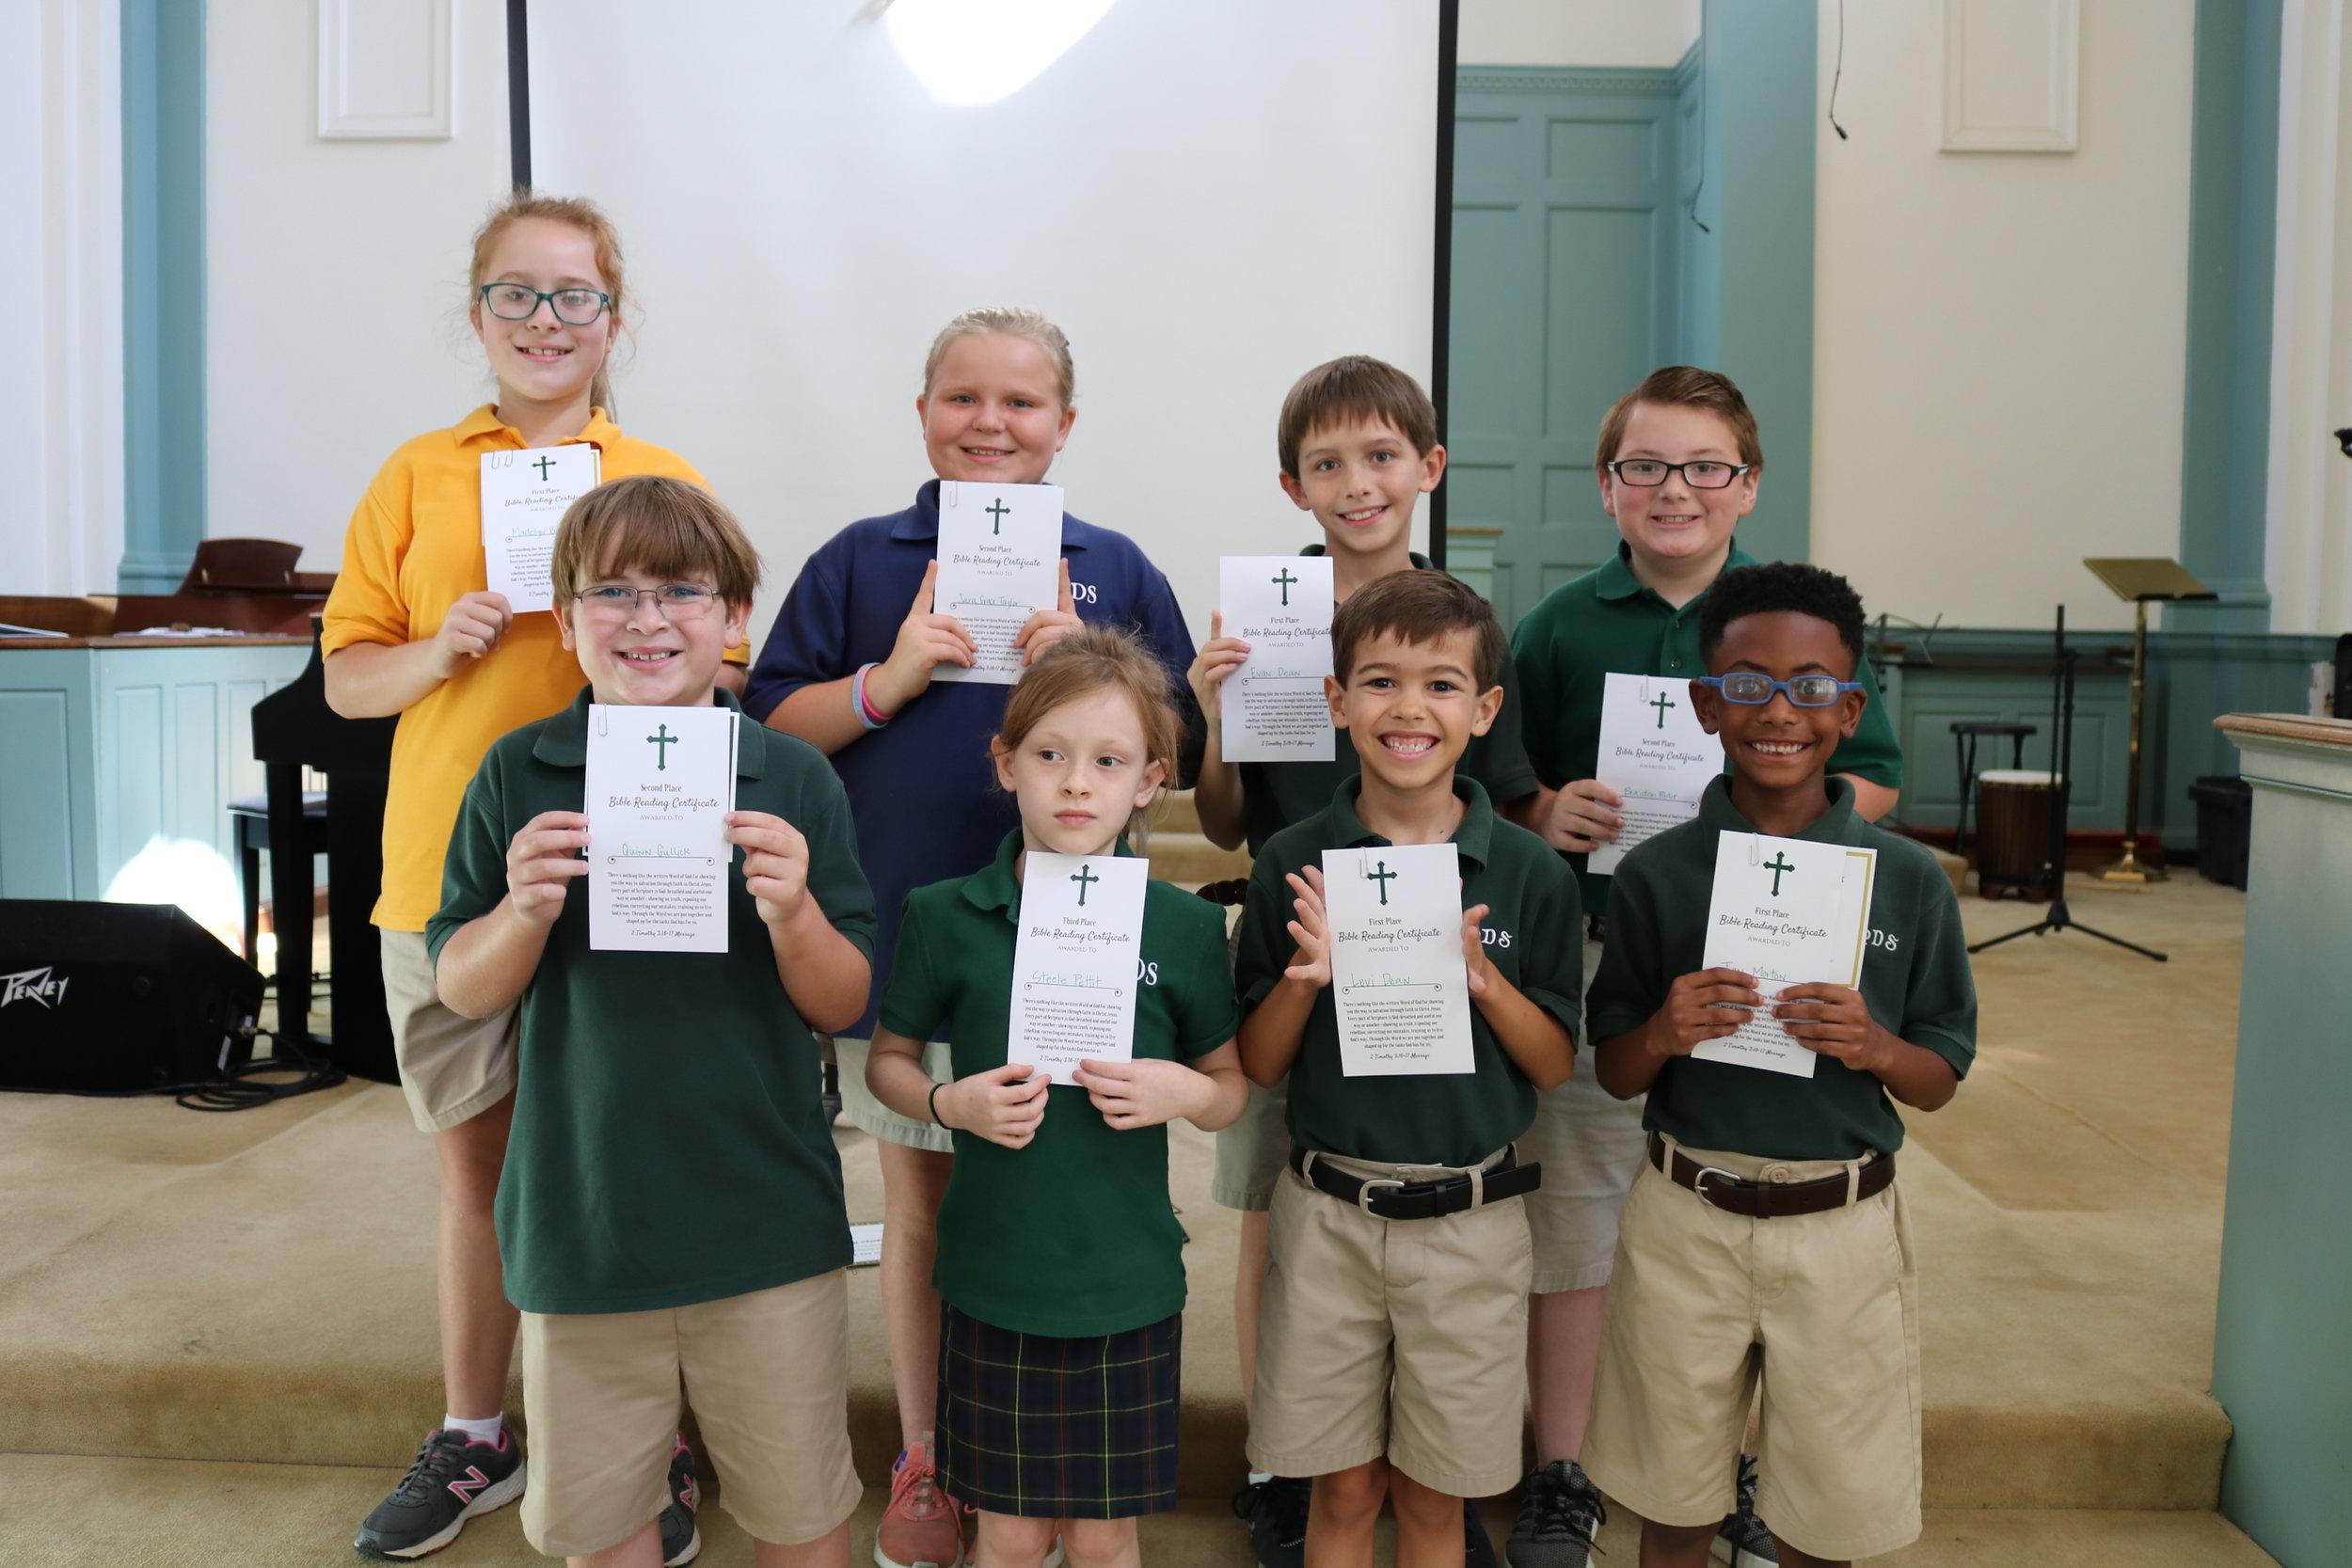 summer Bible reading award winners